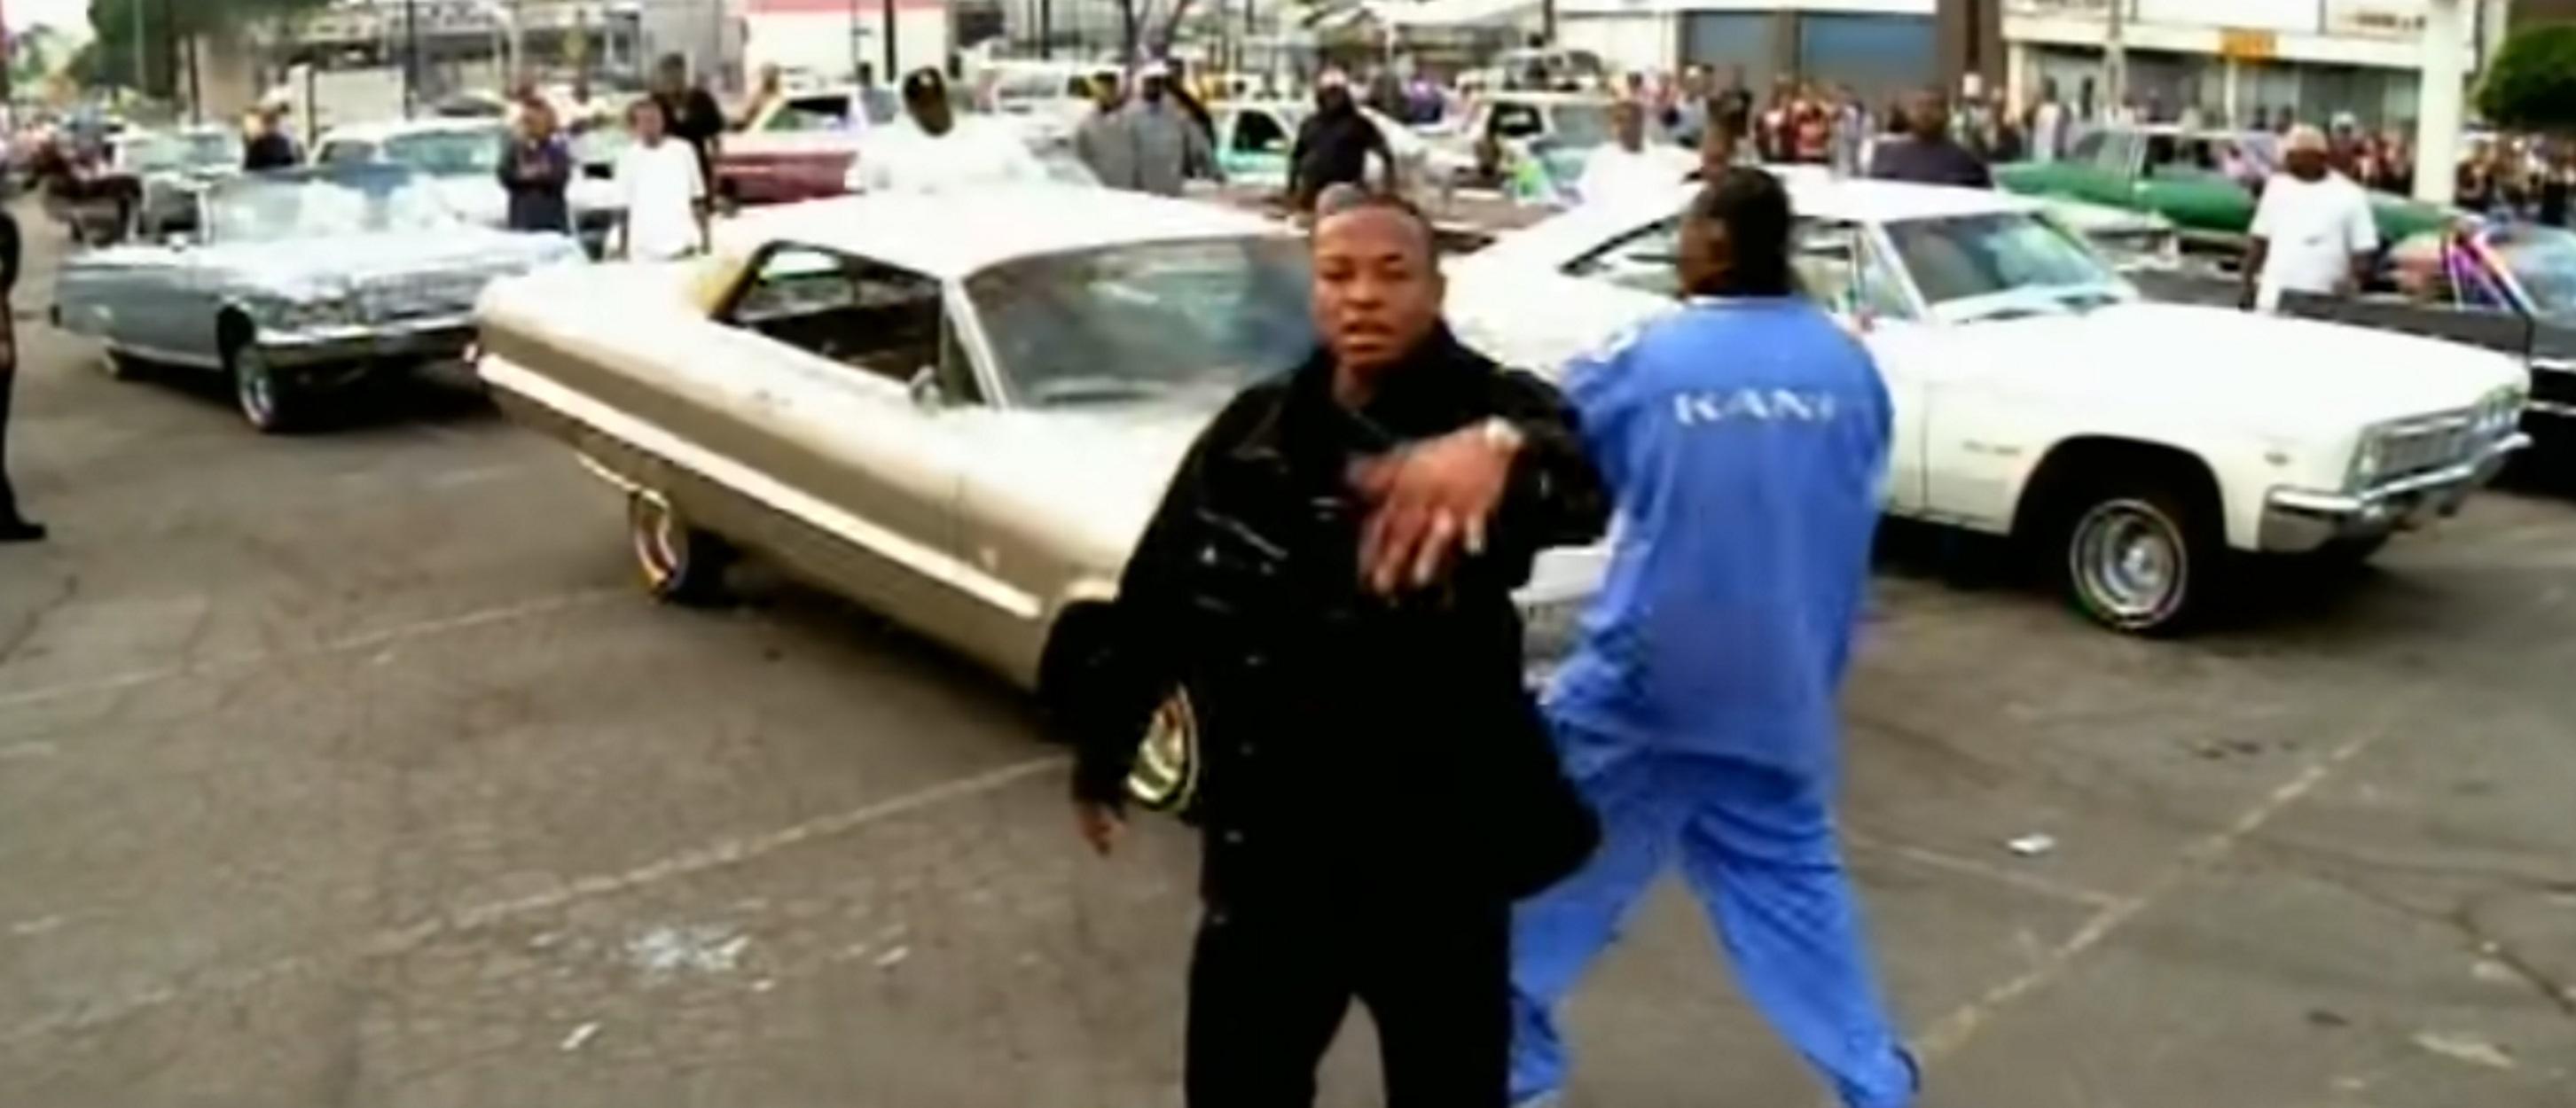 Ο Dr. Dre, ο μουσικός με τα περισσότερα κέρδη τη δεκαετία του πέρασε